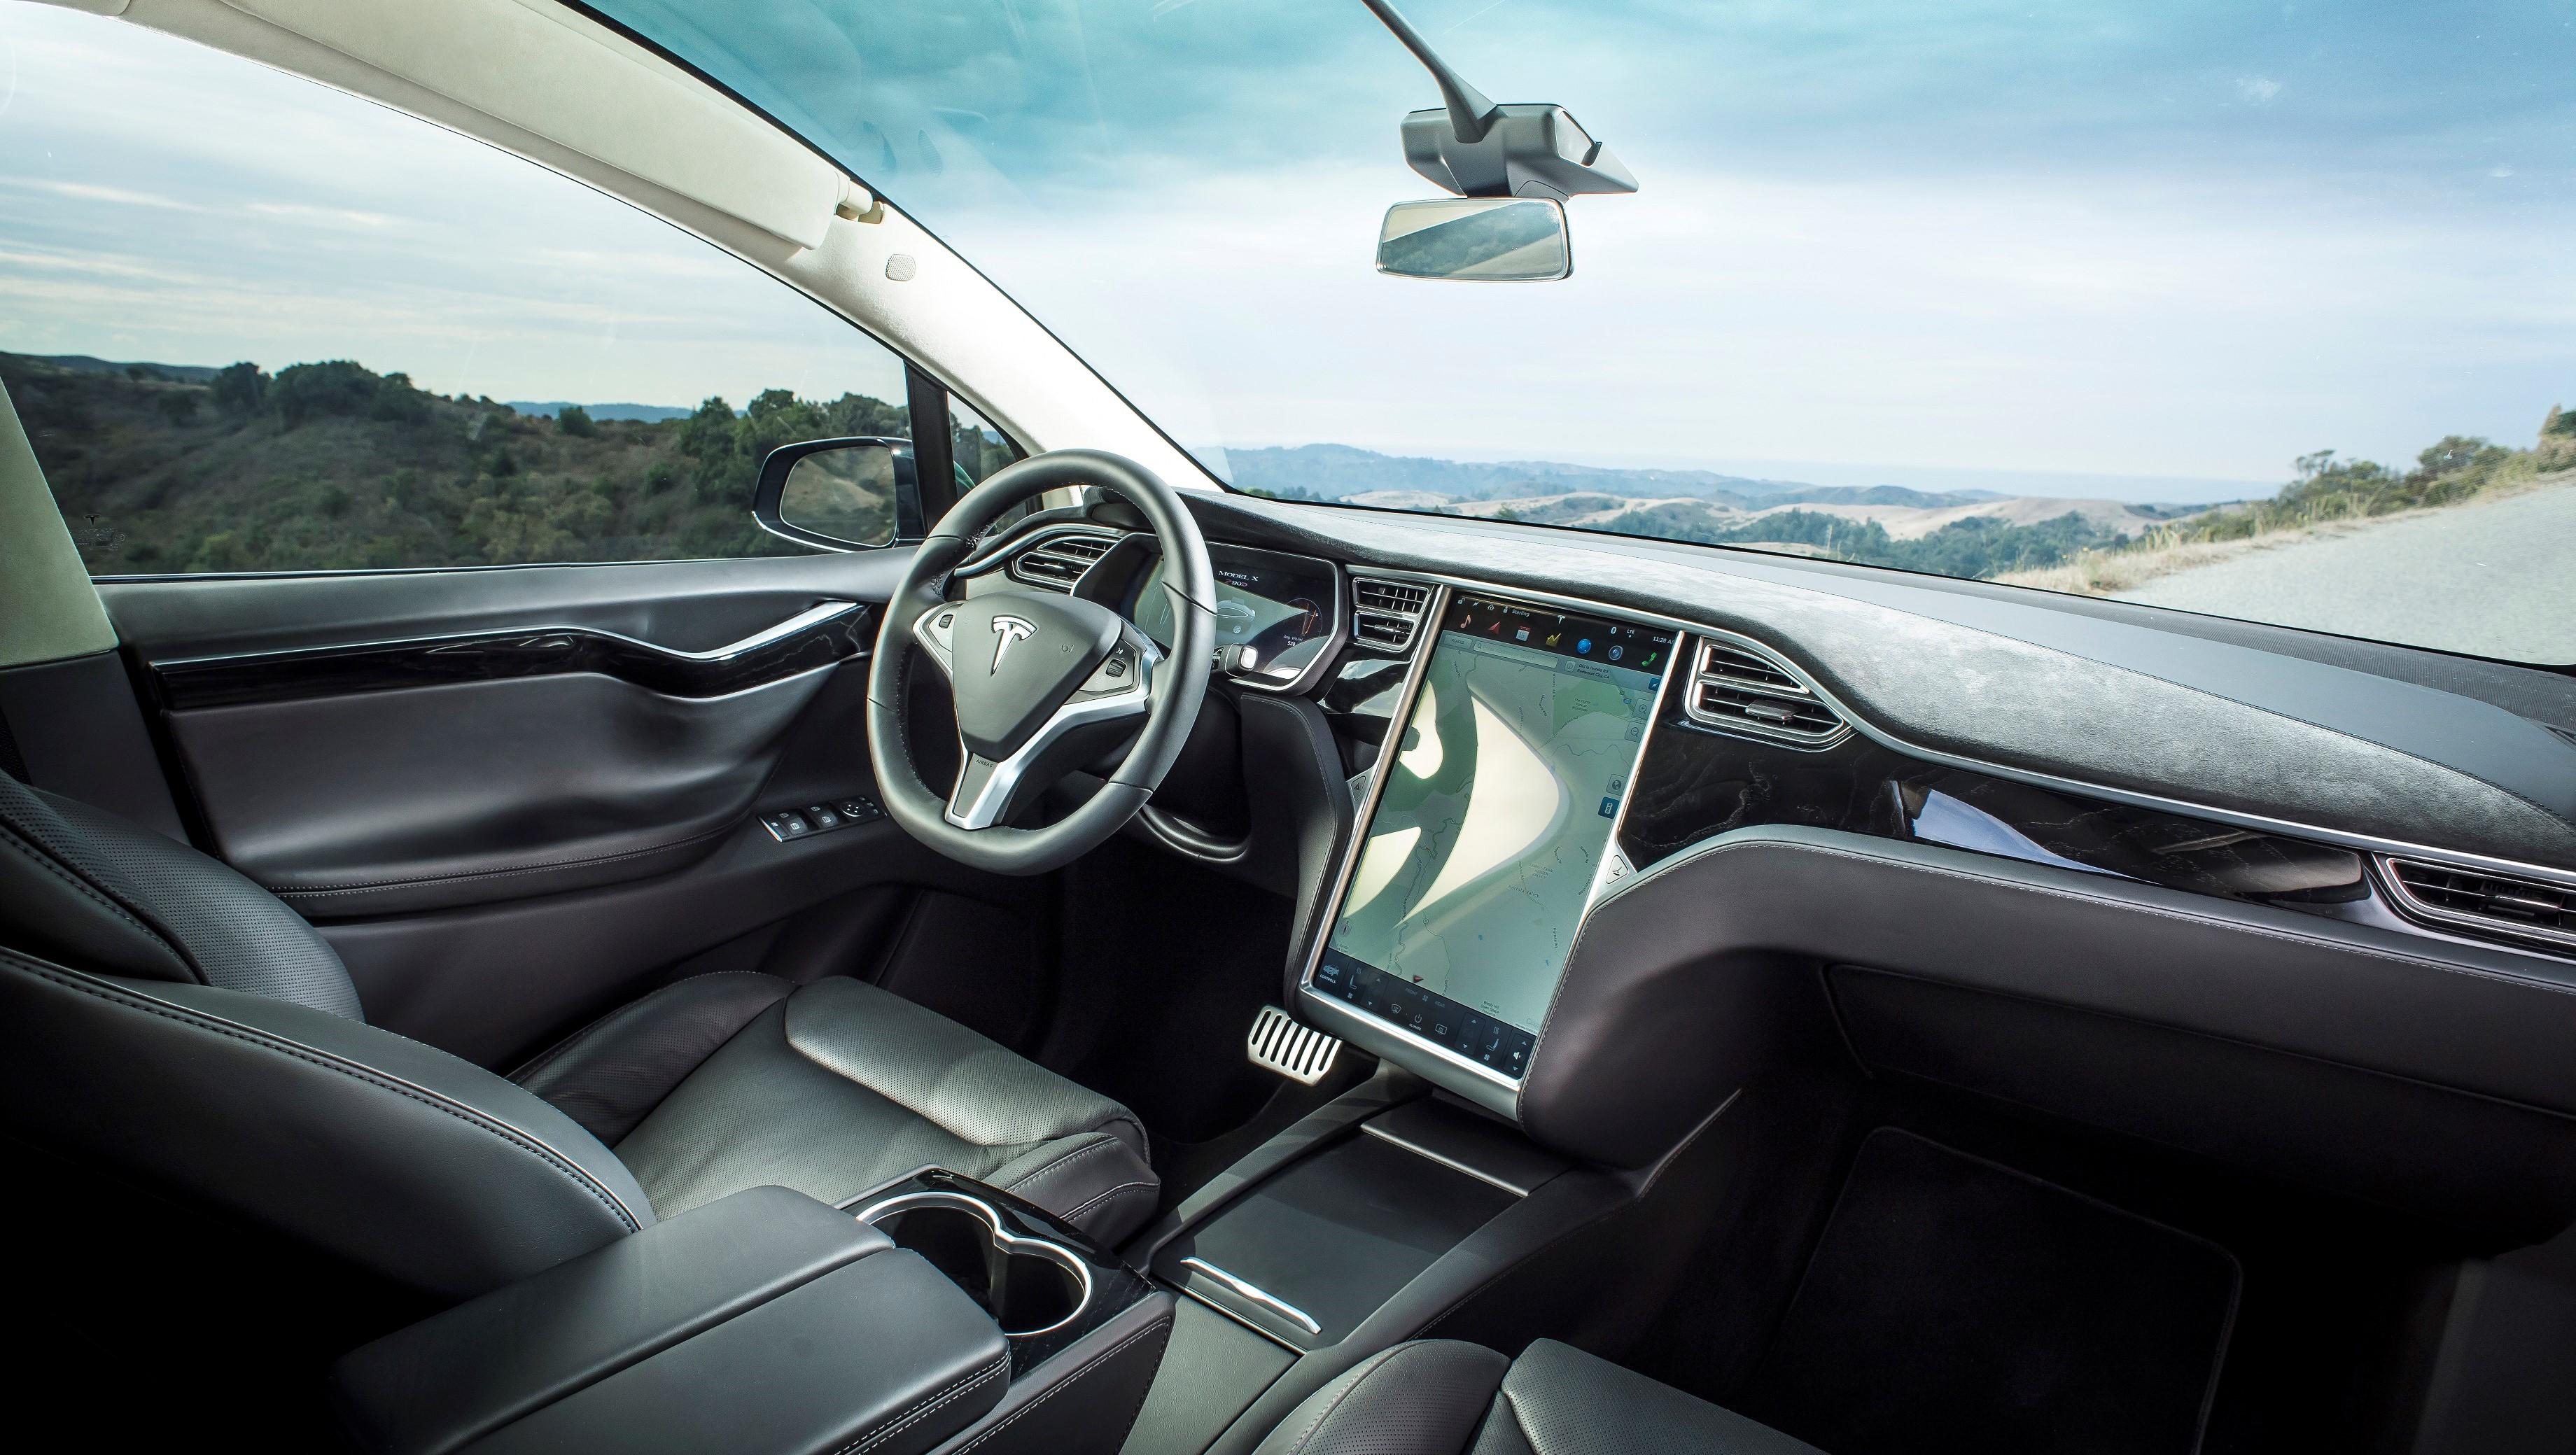 Snart kan du oppgradere Teslaen din direkte på skjermen.